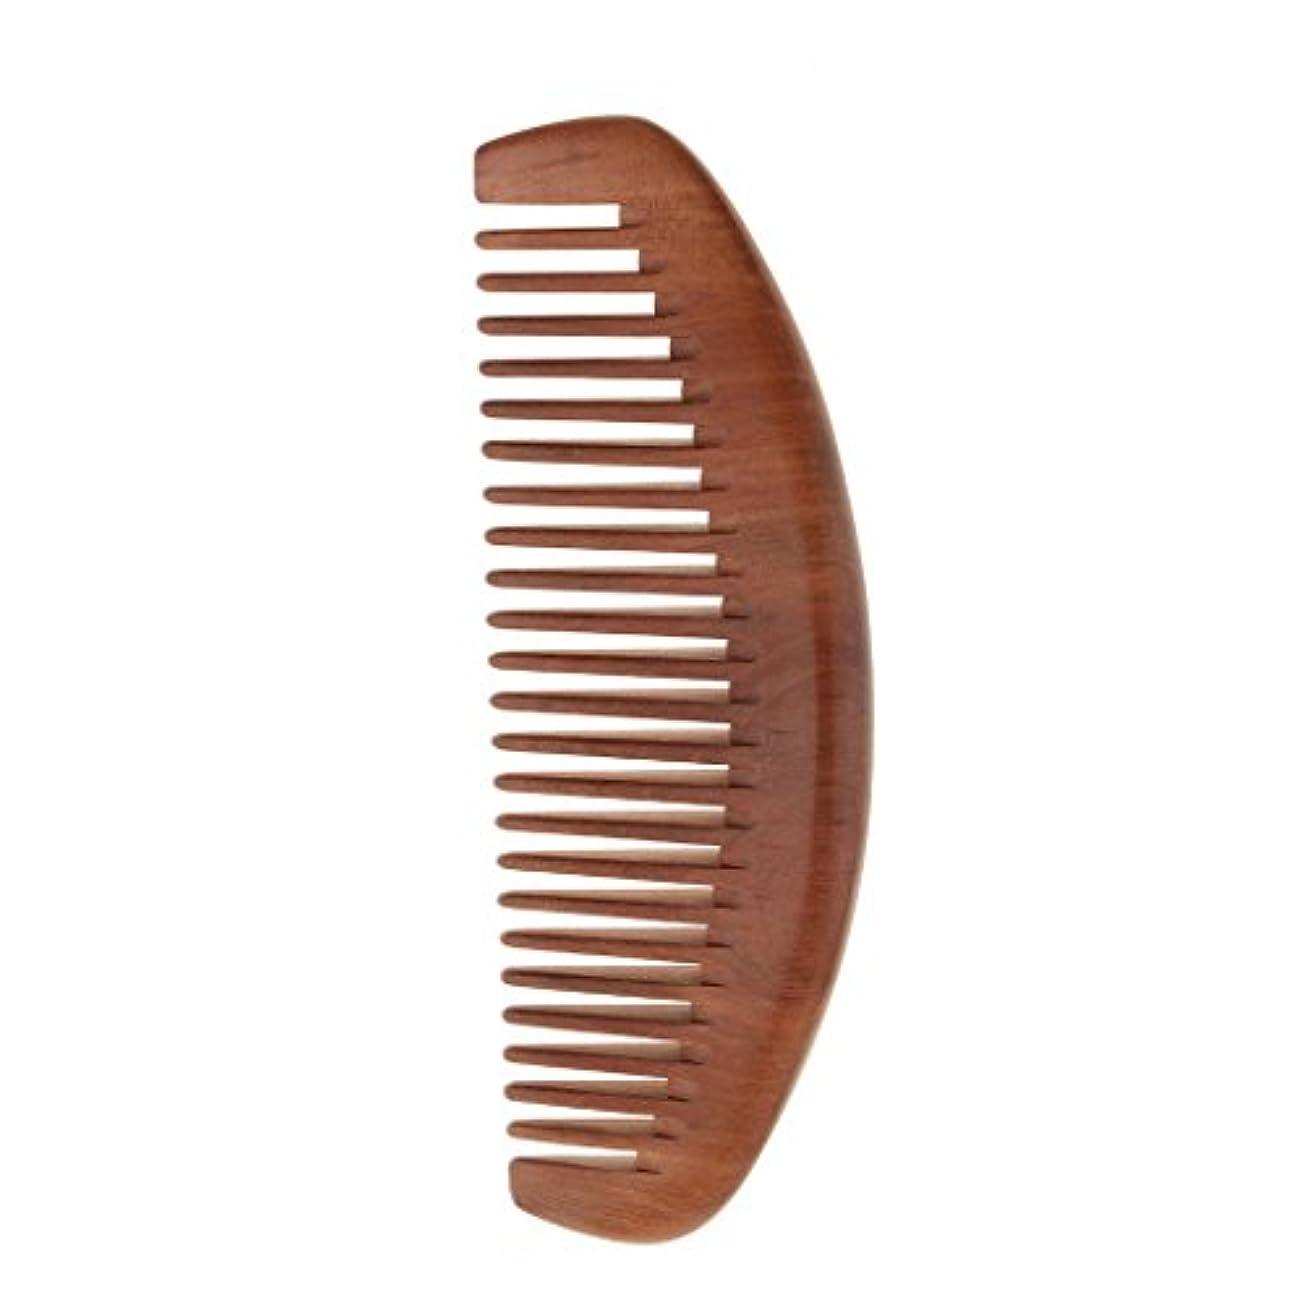 影響するリットル銀櫛 セットコーム 木製 ヘアコーム ヘアケア 頭皮マッサージ 静電気防止 桃の木 全2種類 - ワイド歯